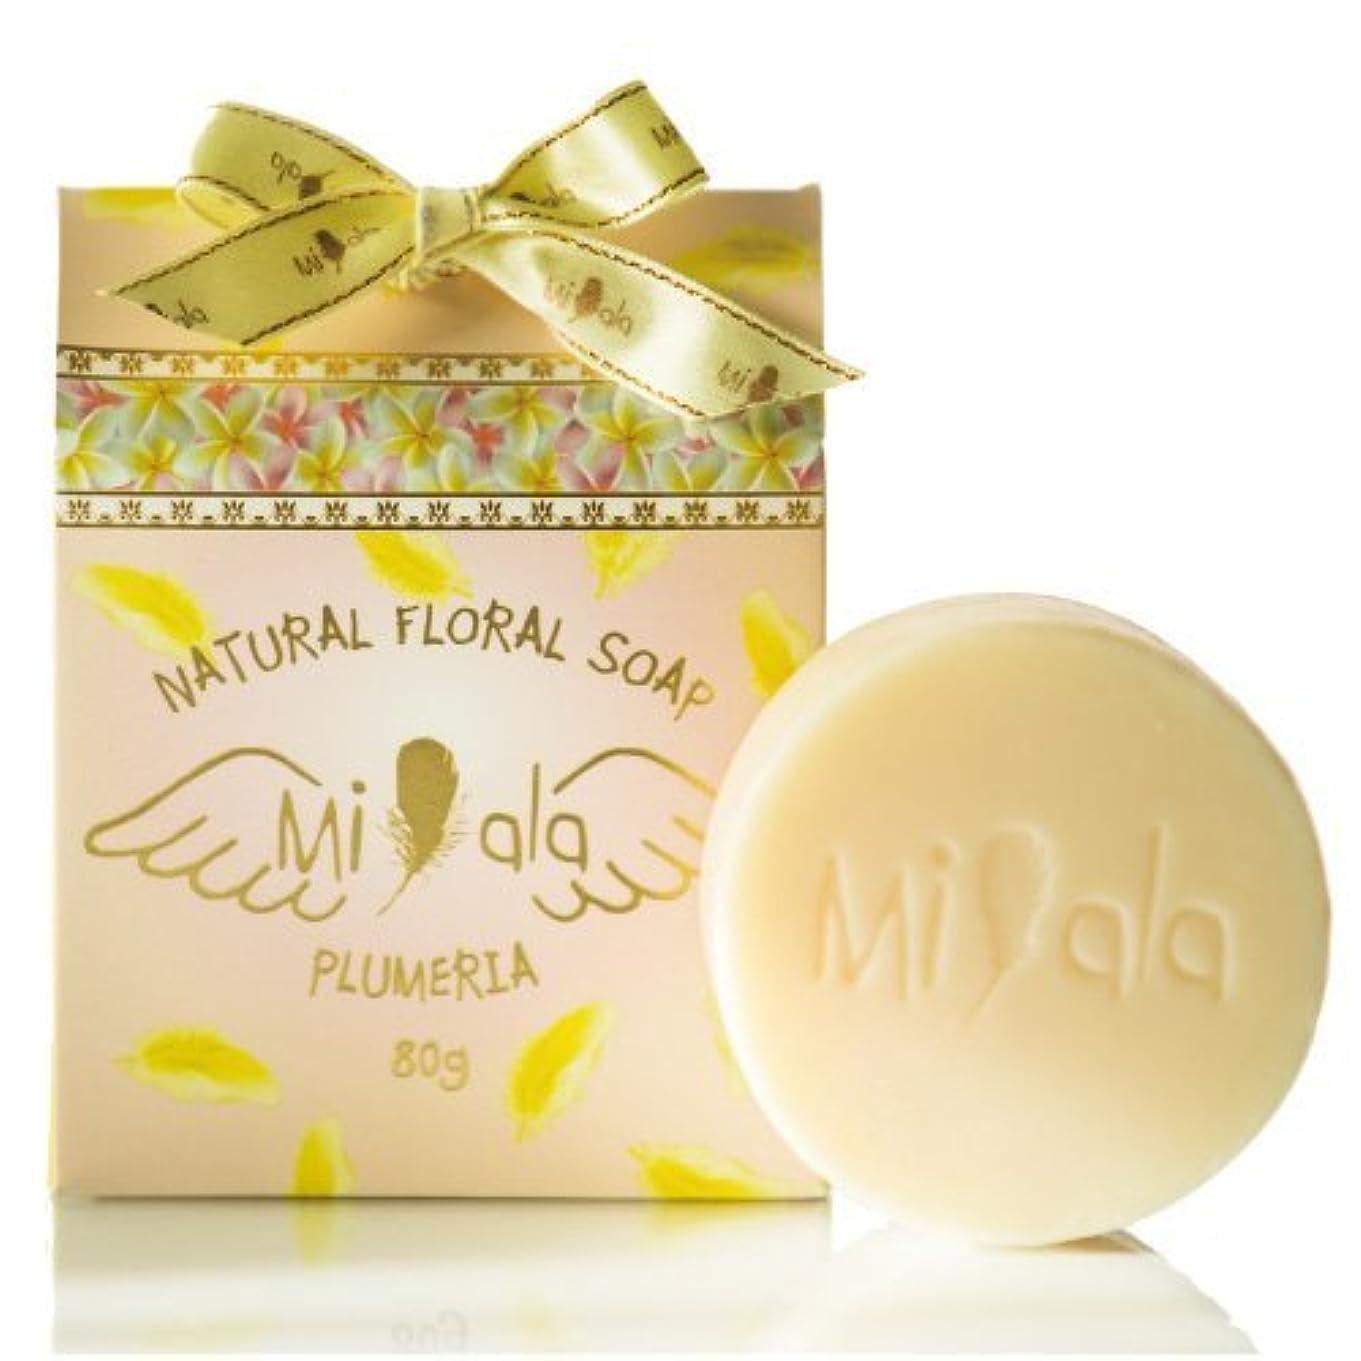 平手打ち優先権流行しているミアラ フローラルソープ プルメリアの香り 80g